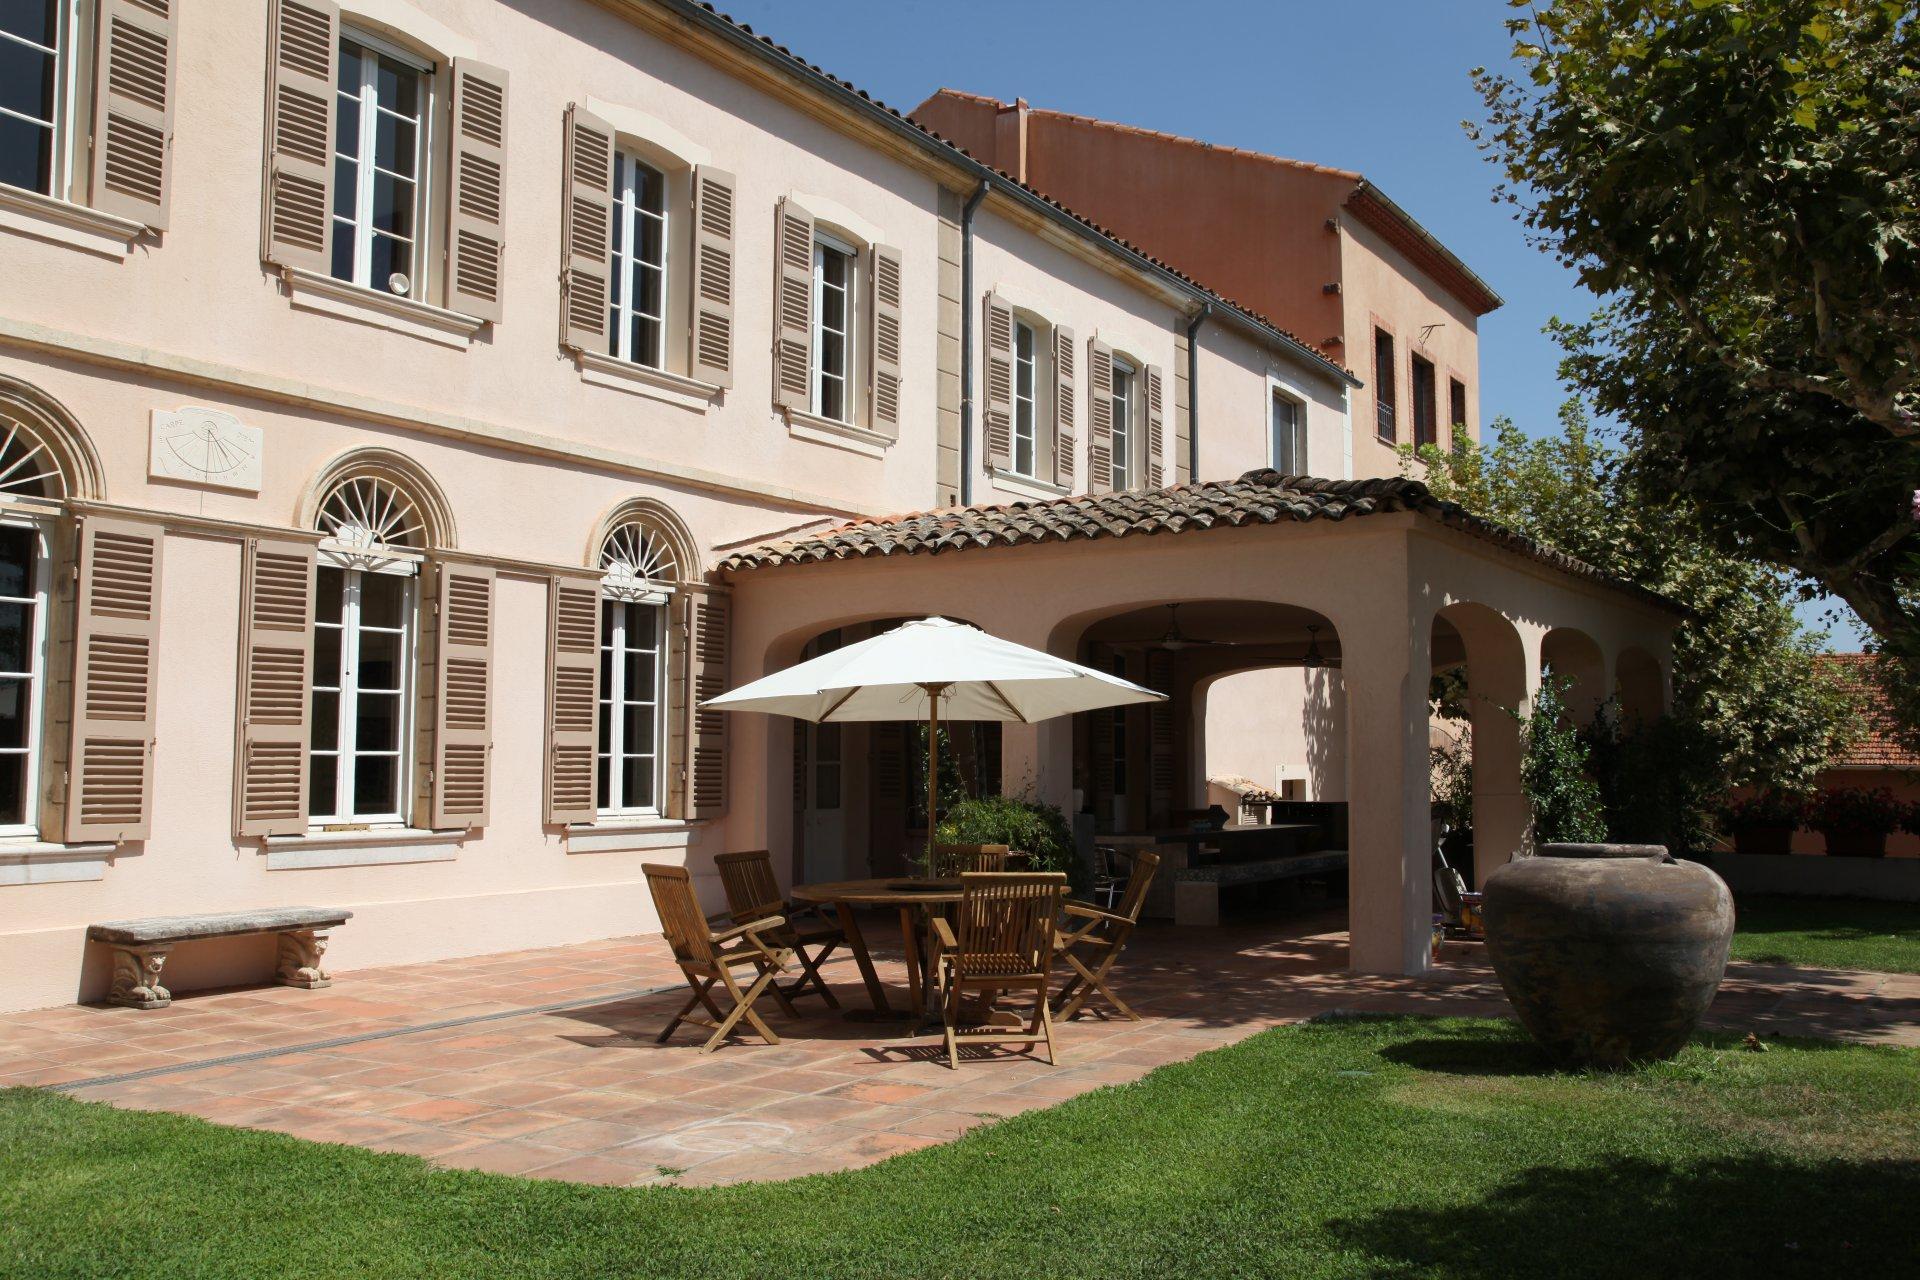 LE CANNET DES MAURES (83340) - Domaine de 10 hectares - Bastide de 9 chambres - Piscine et tennis